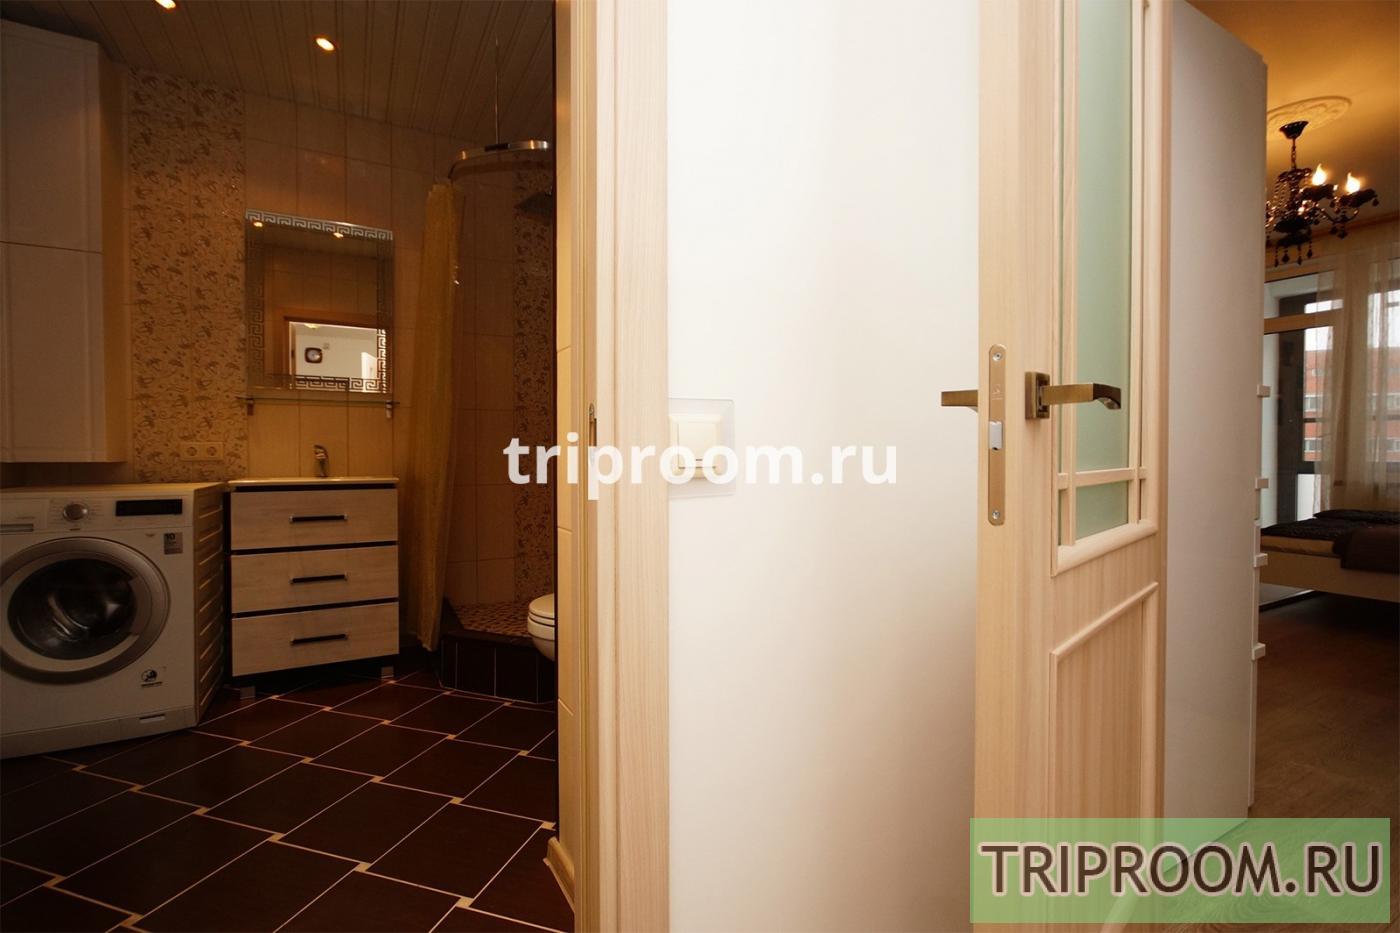 1-комнатная квартира посуточно (вариант № 17278), ул. Полтавский проезд, фото № 10